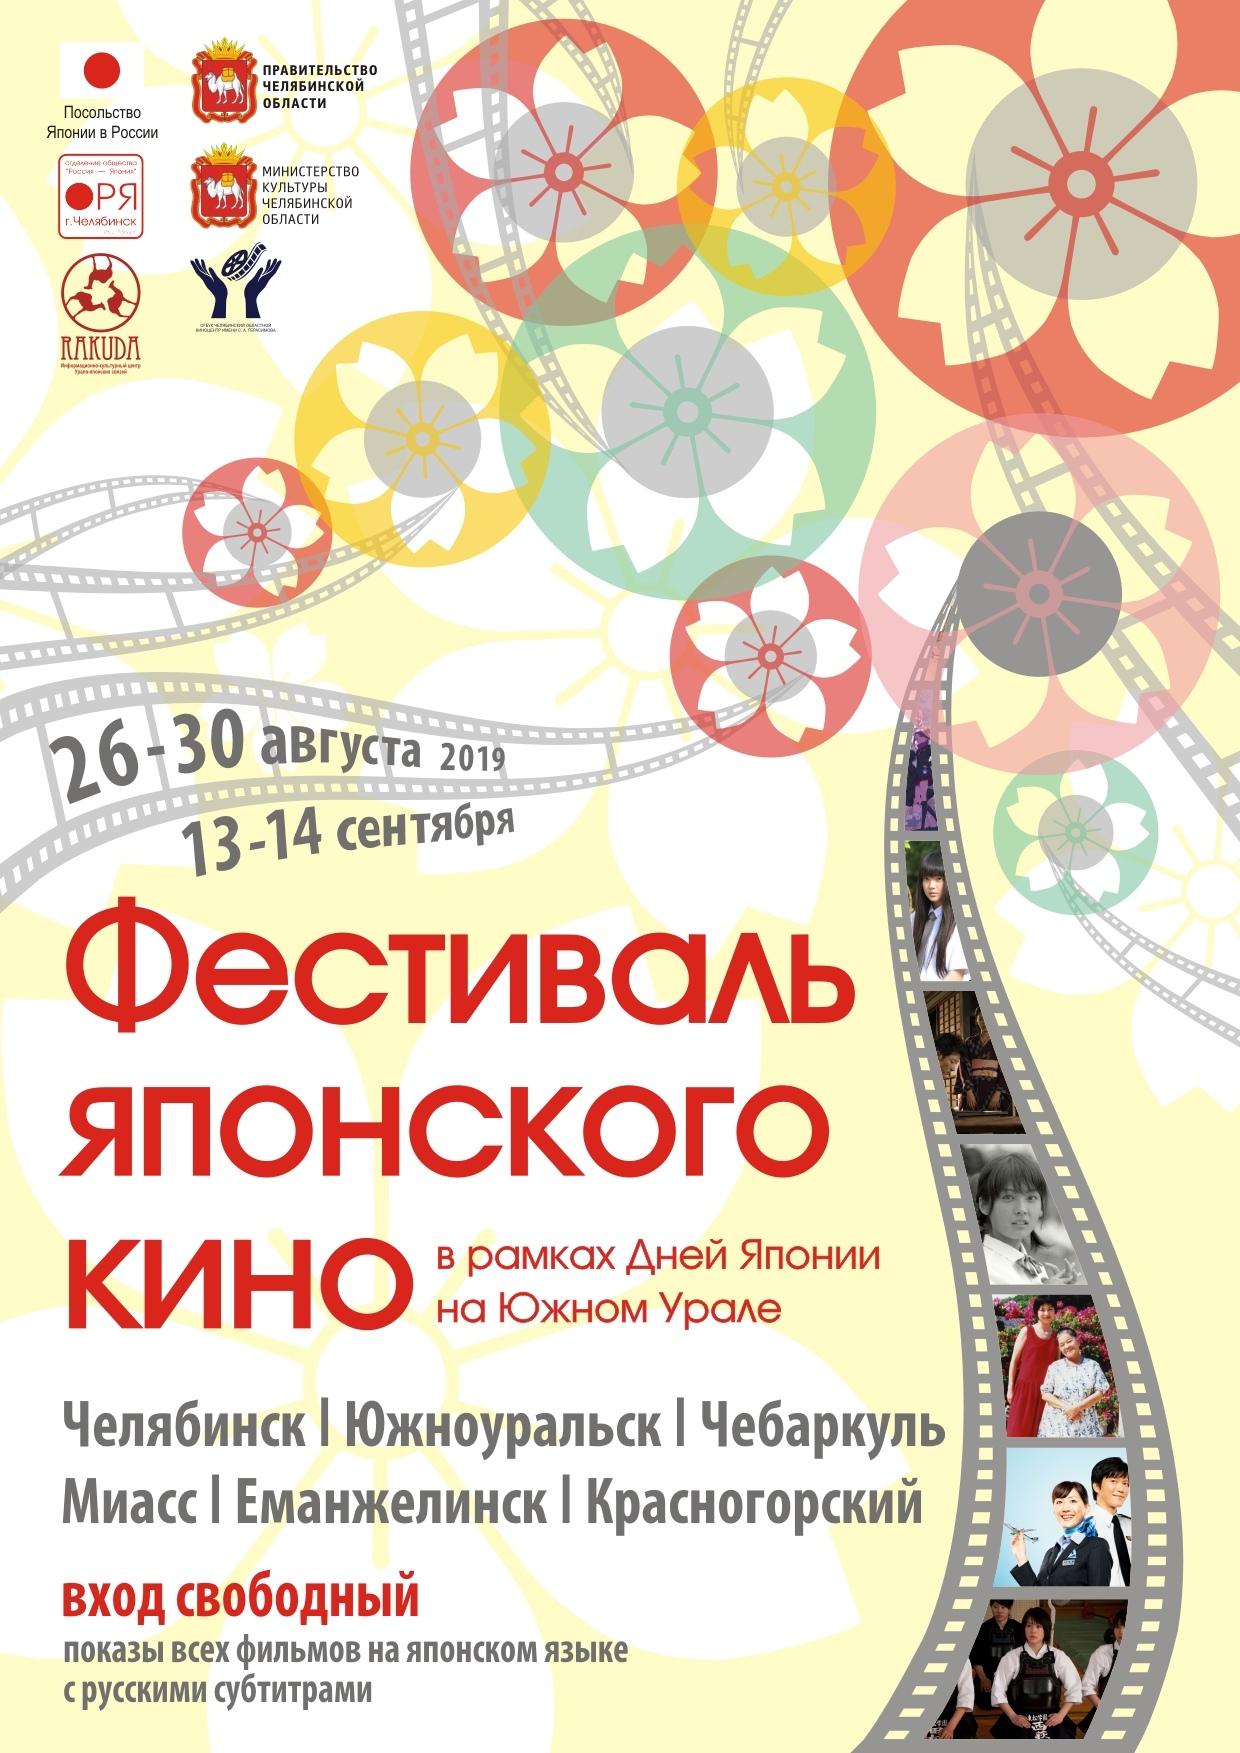 Фестиваль Японского Кино в рамках Дней Японии на Южном Урале